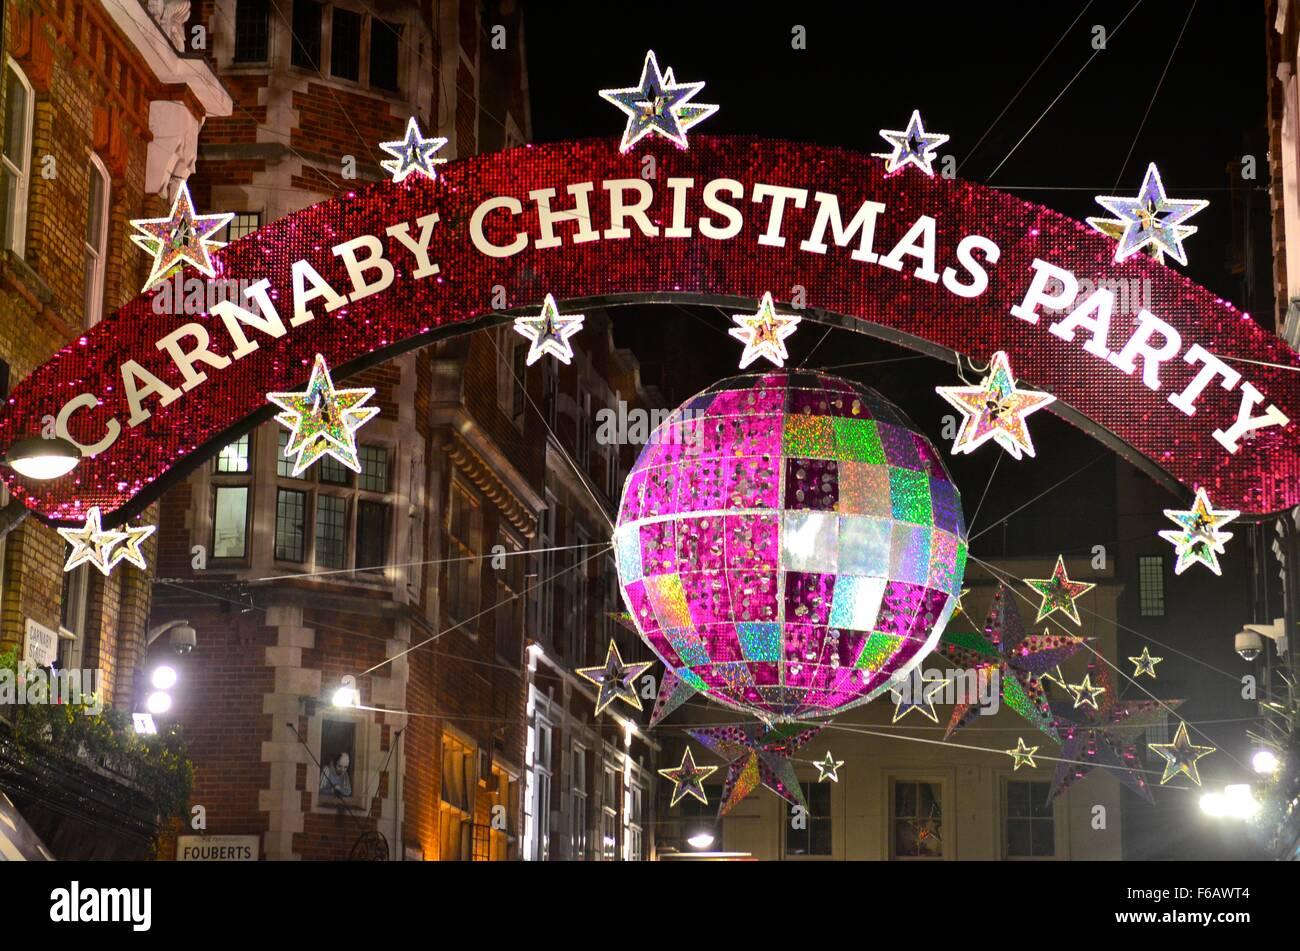 Christmas lights on Carnaby Street, 2015, London, England, UK - Stock Image